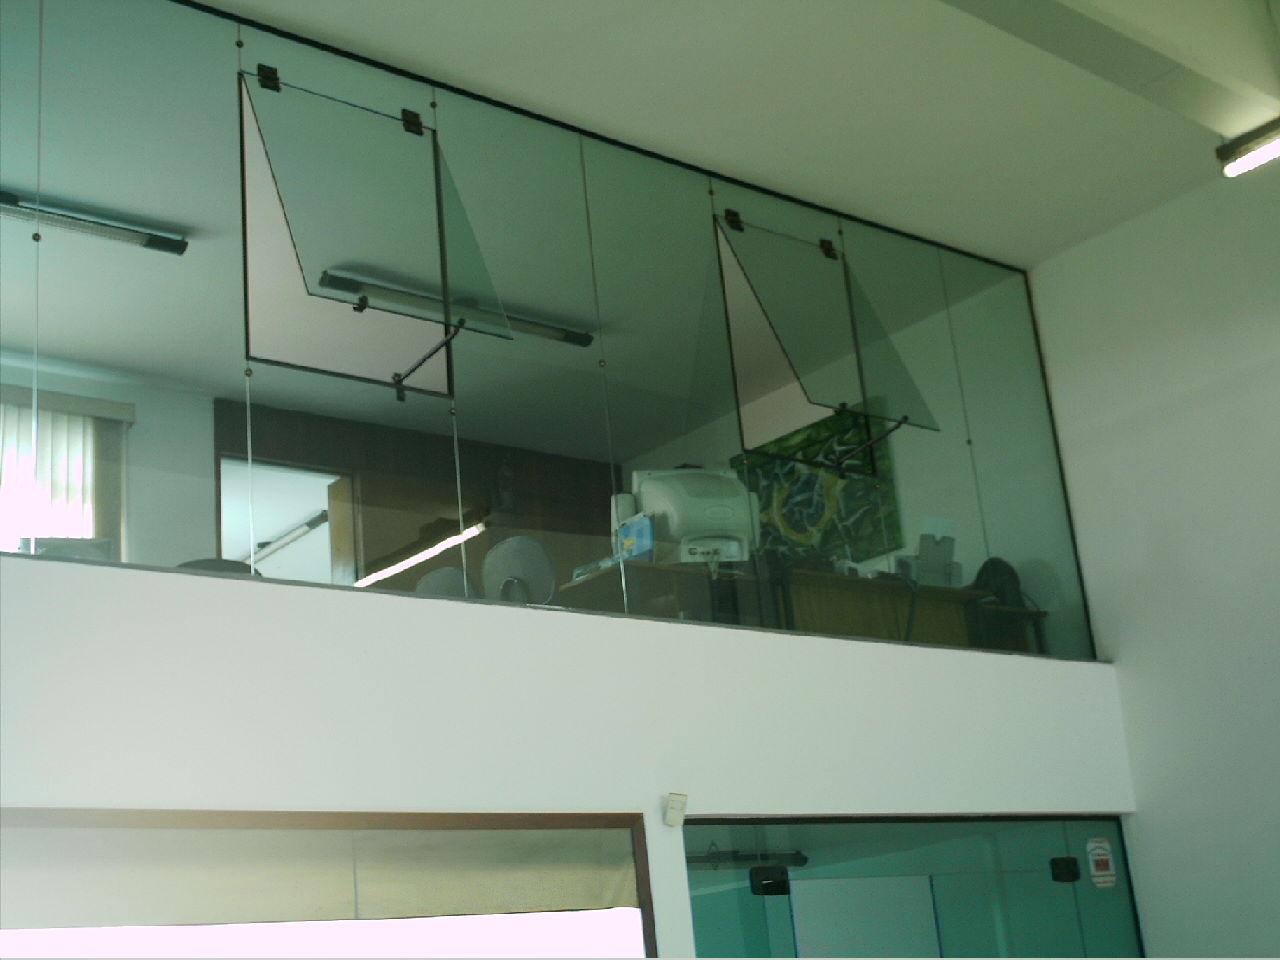 #5A4F39 Klein Vidraçaria e Esquadrias de Alumínio: maxim ar e basculante 310 Janelas De Vidro Temperado Em Arco